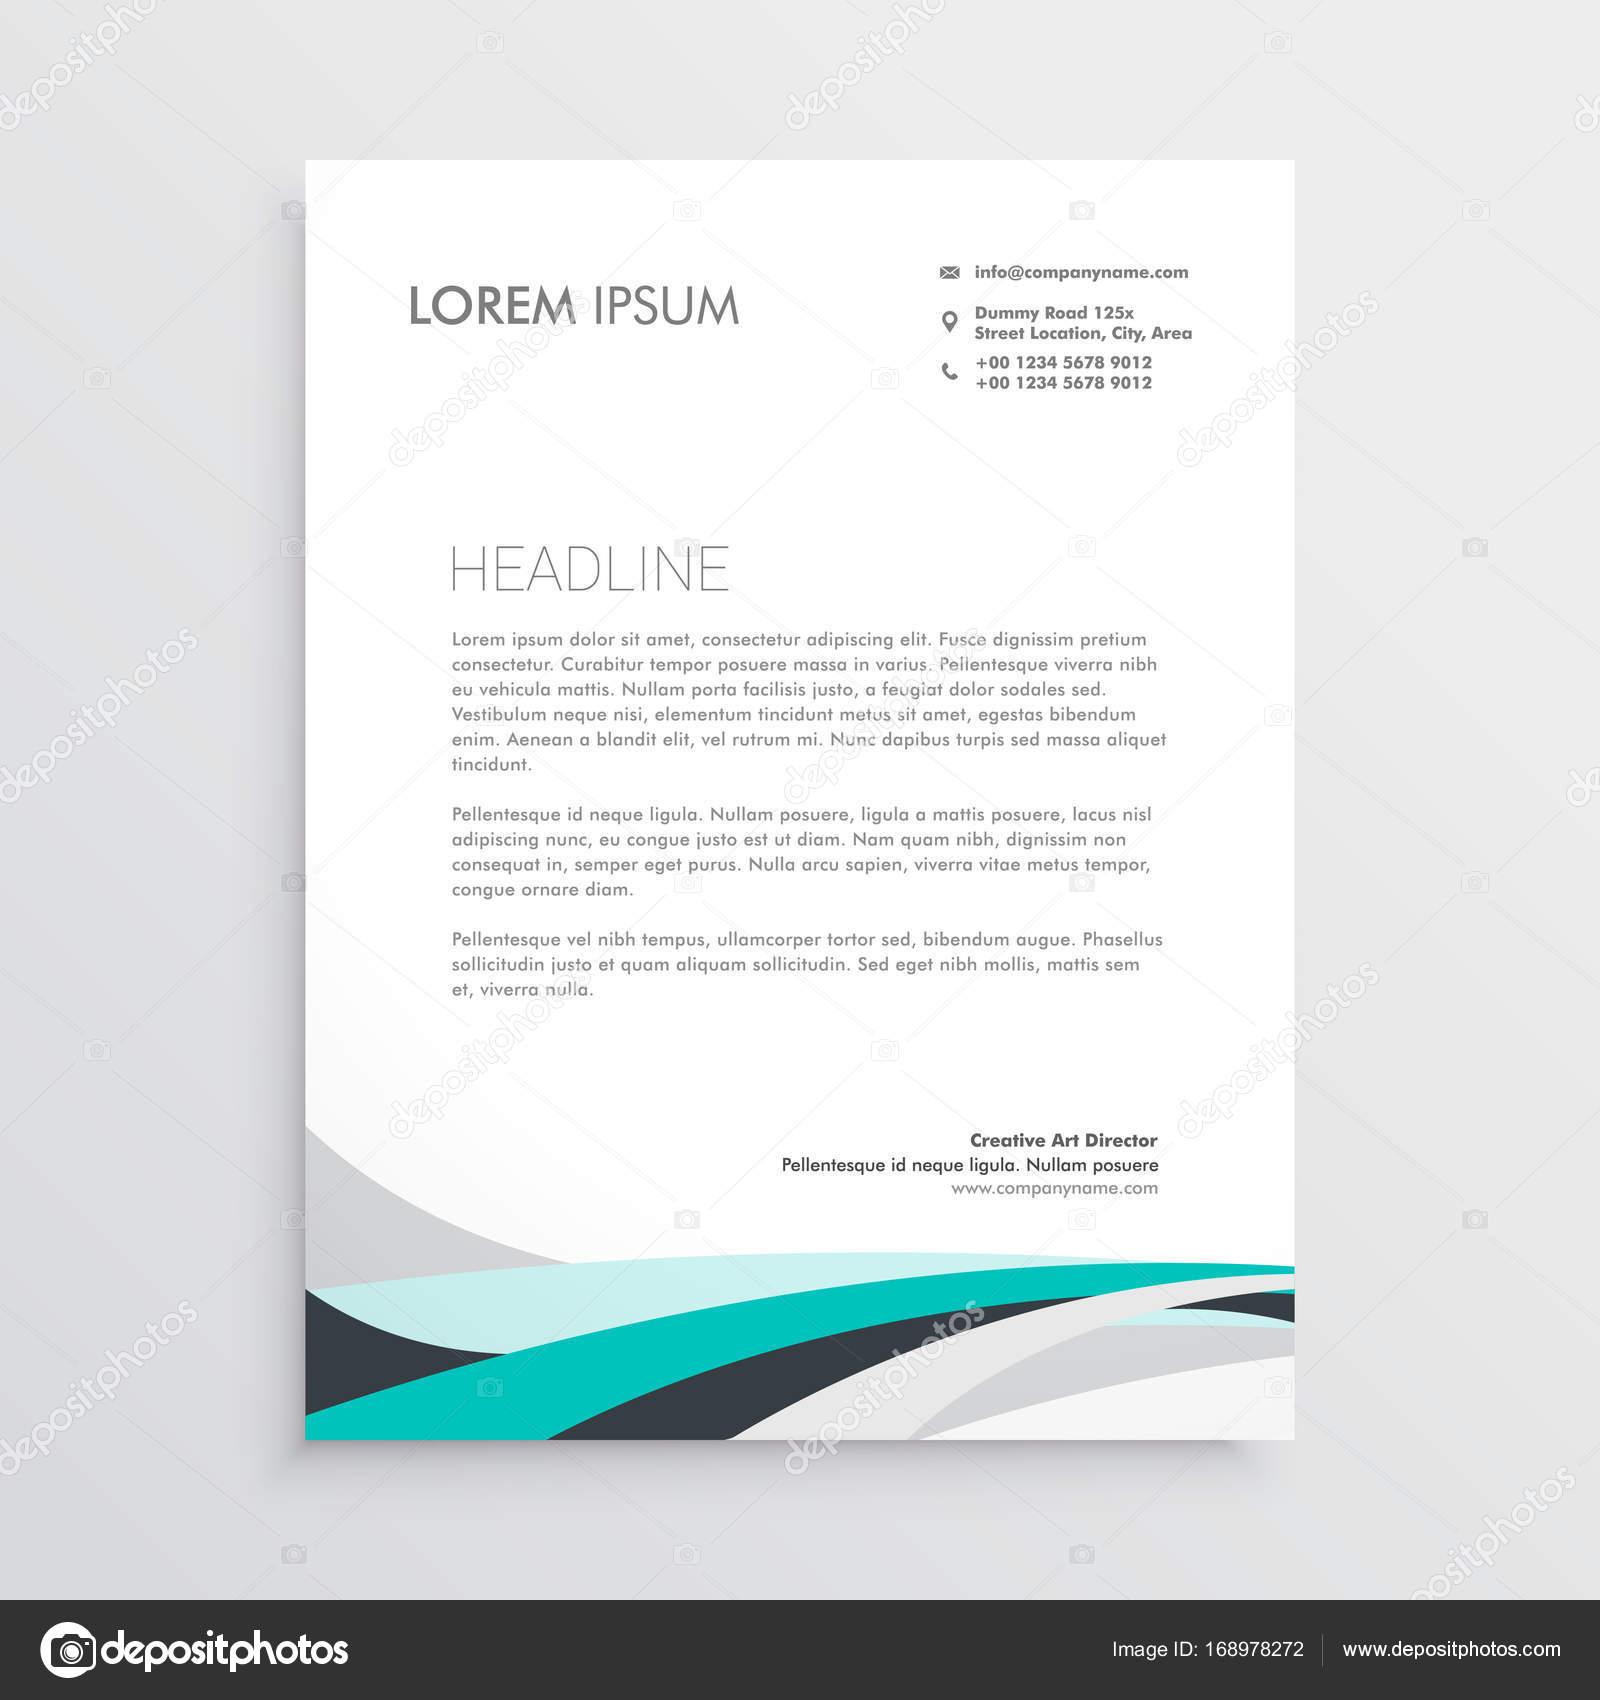 Briefkopf Moderne Vektor Design Vorlage Mit Blauen Gewellte Form